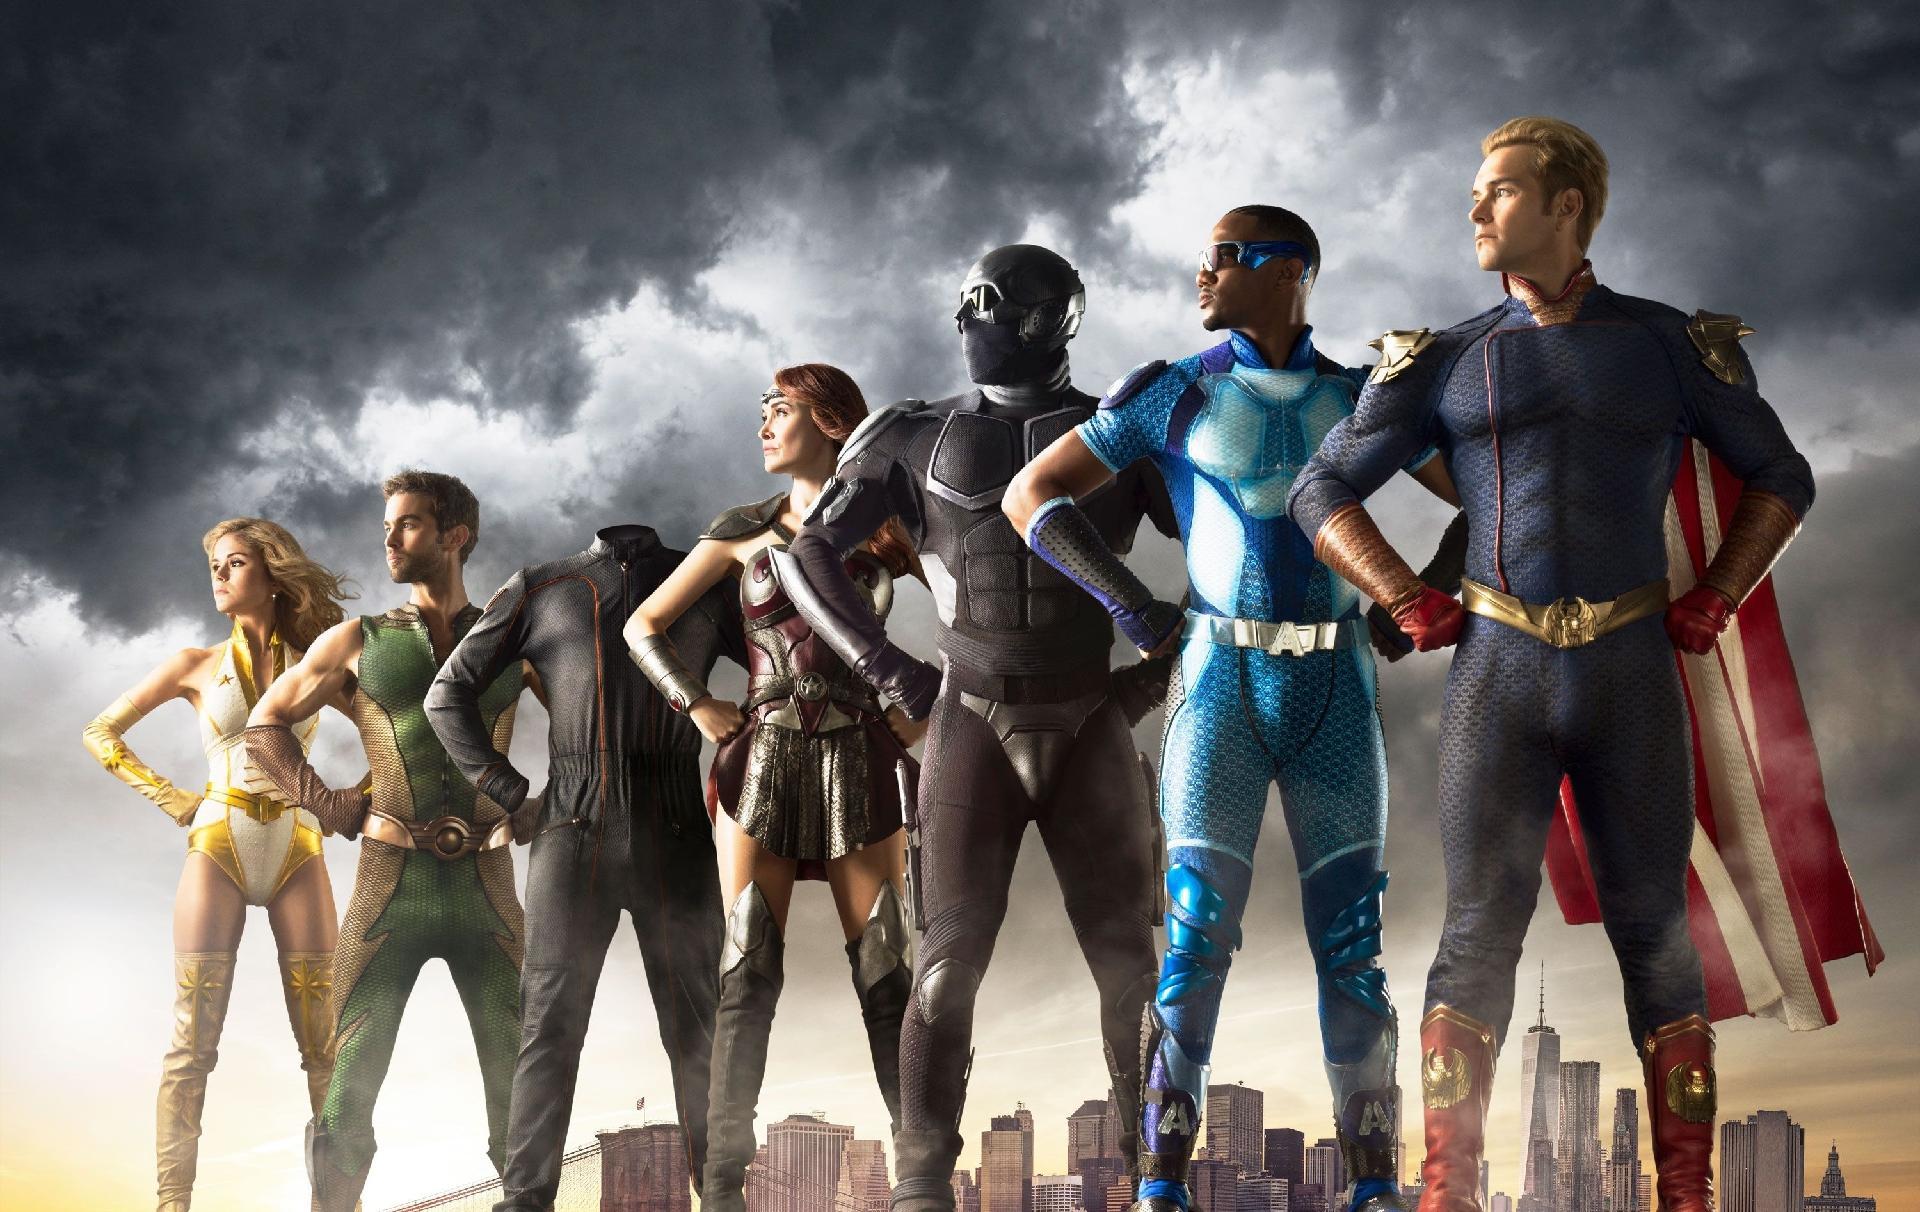 The Boys': série de super-heróis da Amazon é renovada para 3ª temporada -  23/07/2020 - UOL Entretenimento